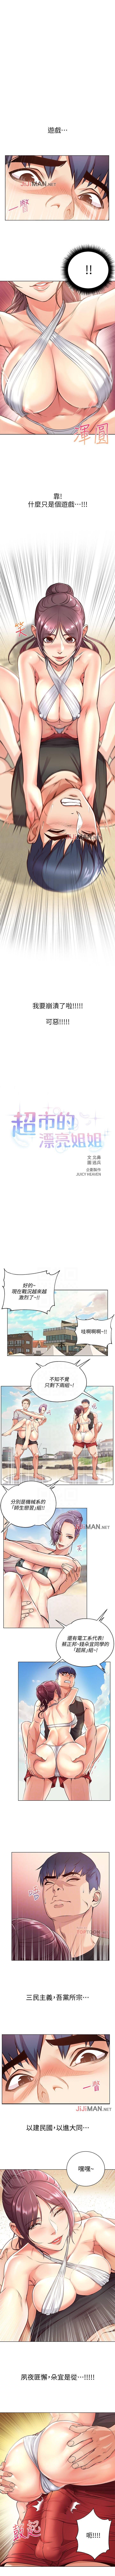 【周三连载】超市的漂亮姐姐(作者:北鼻&逃兵) 第1~40话 180